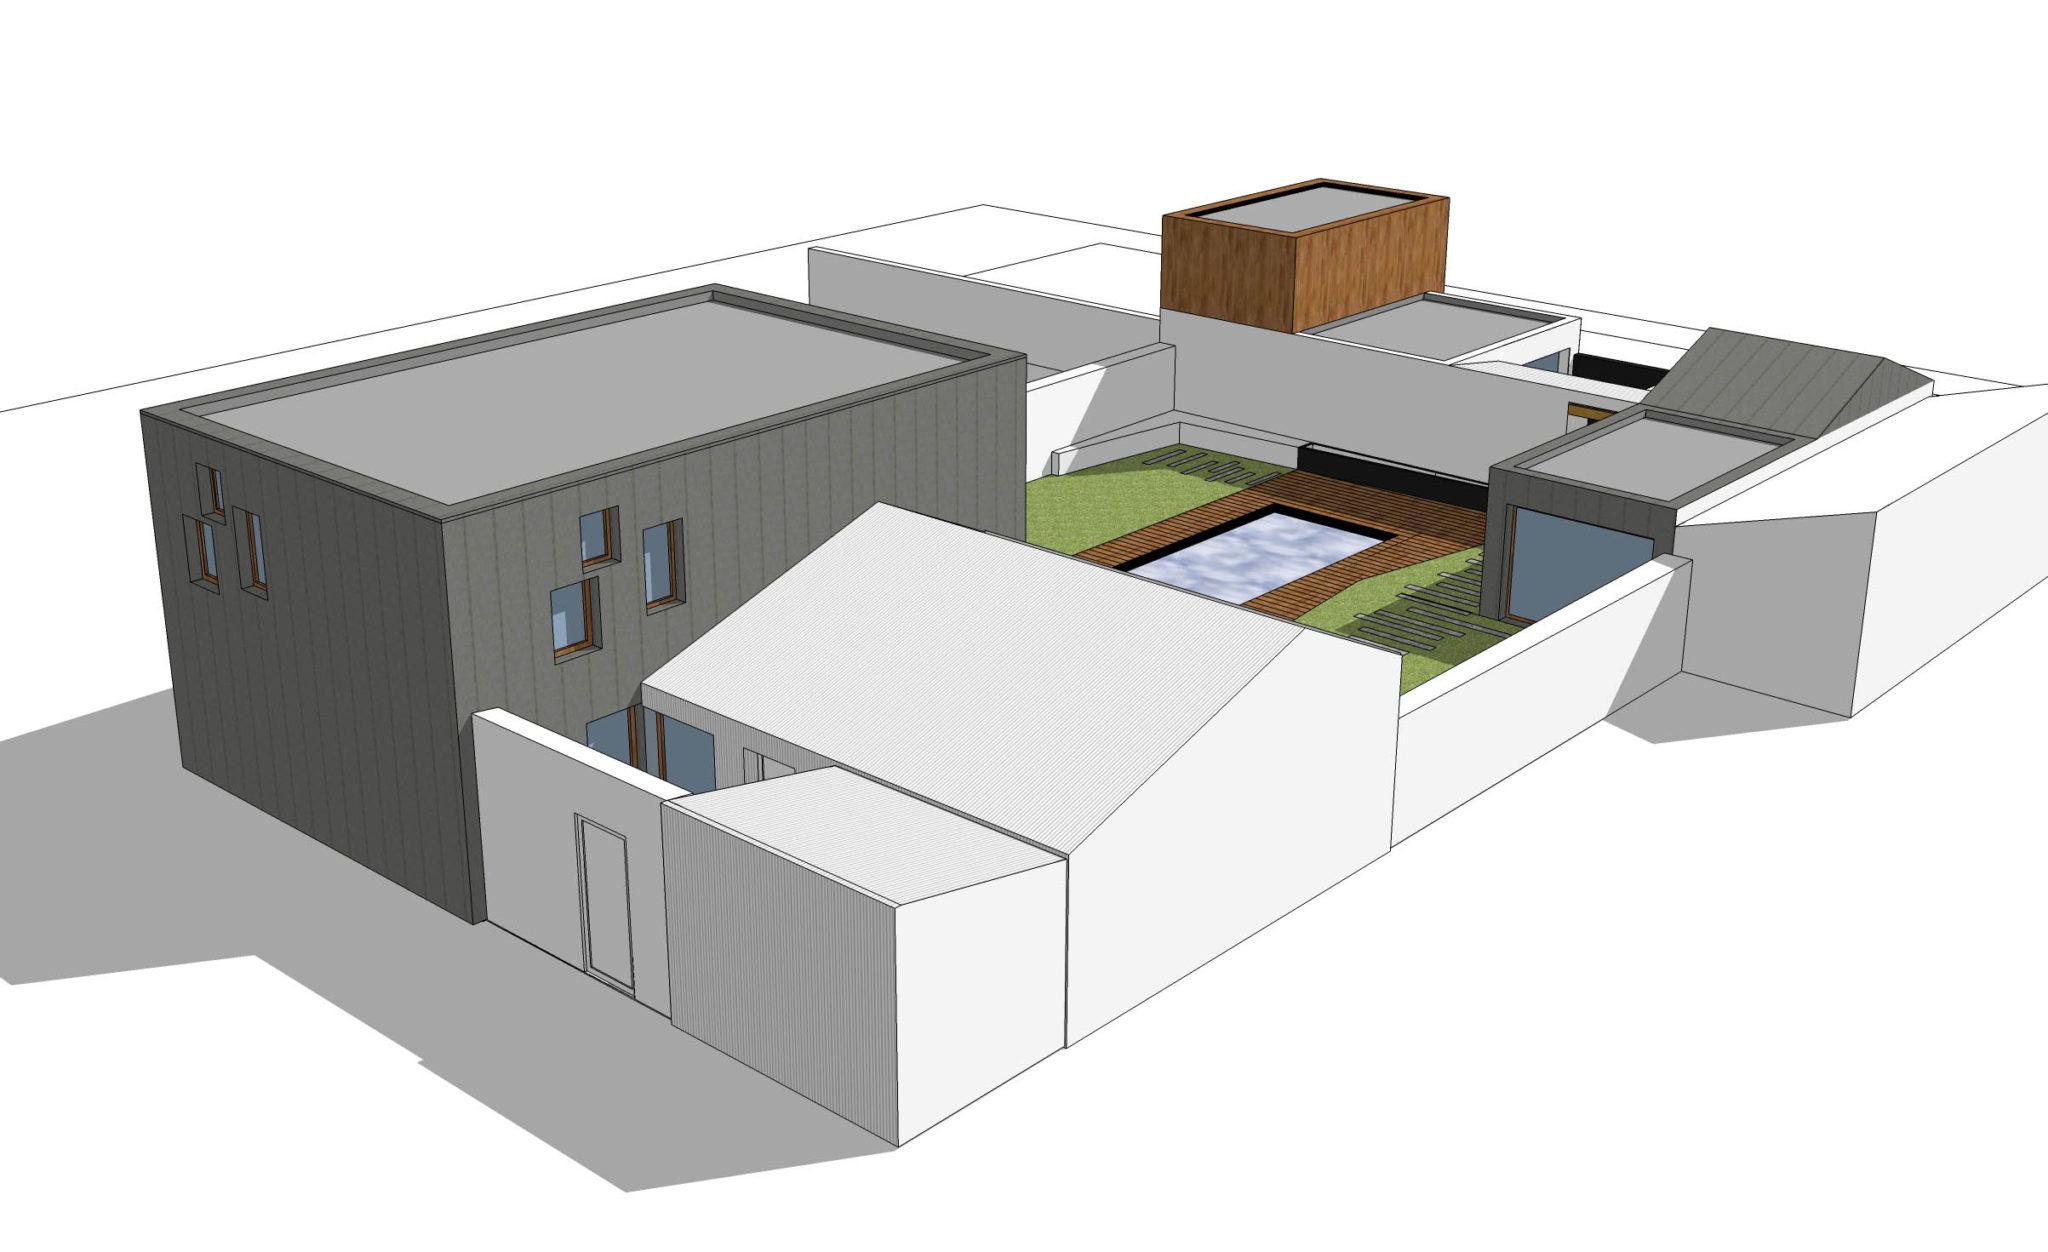 maison la rochelle 17 agence lionel coutier architecte la rochelle. Black Bedroom Furniture Sets. Home Design Ideas